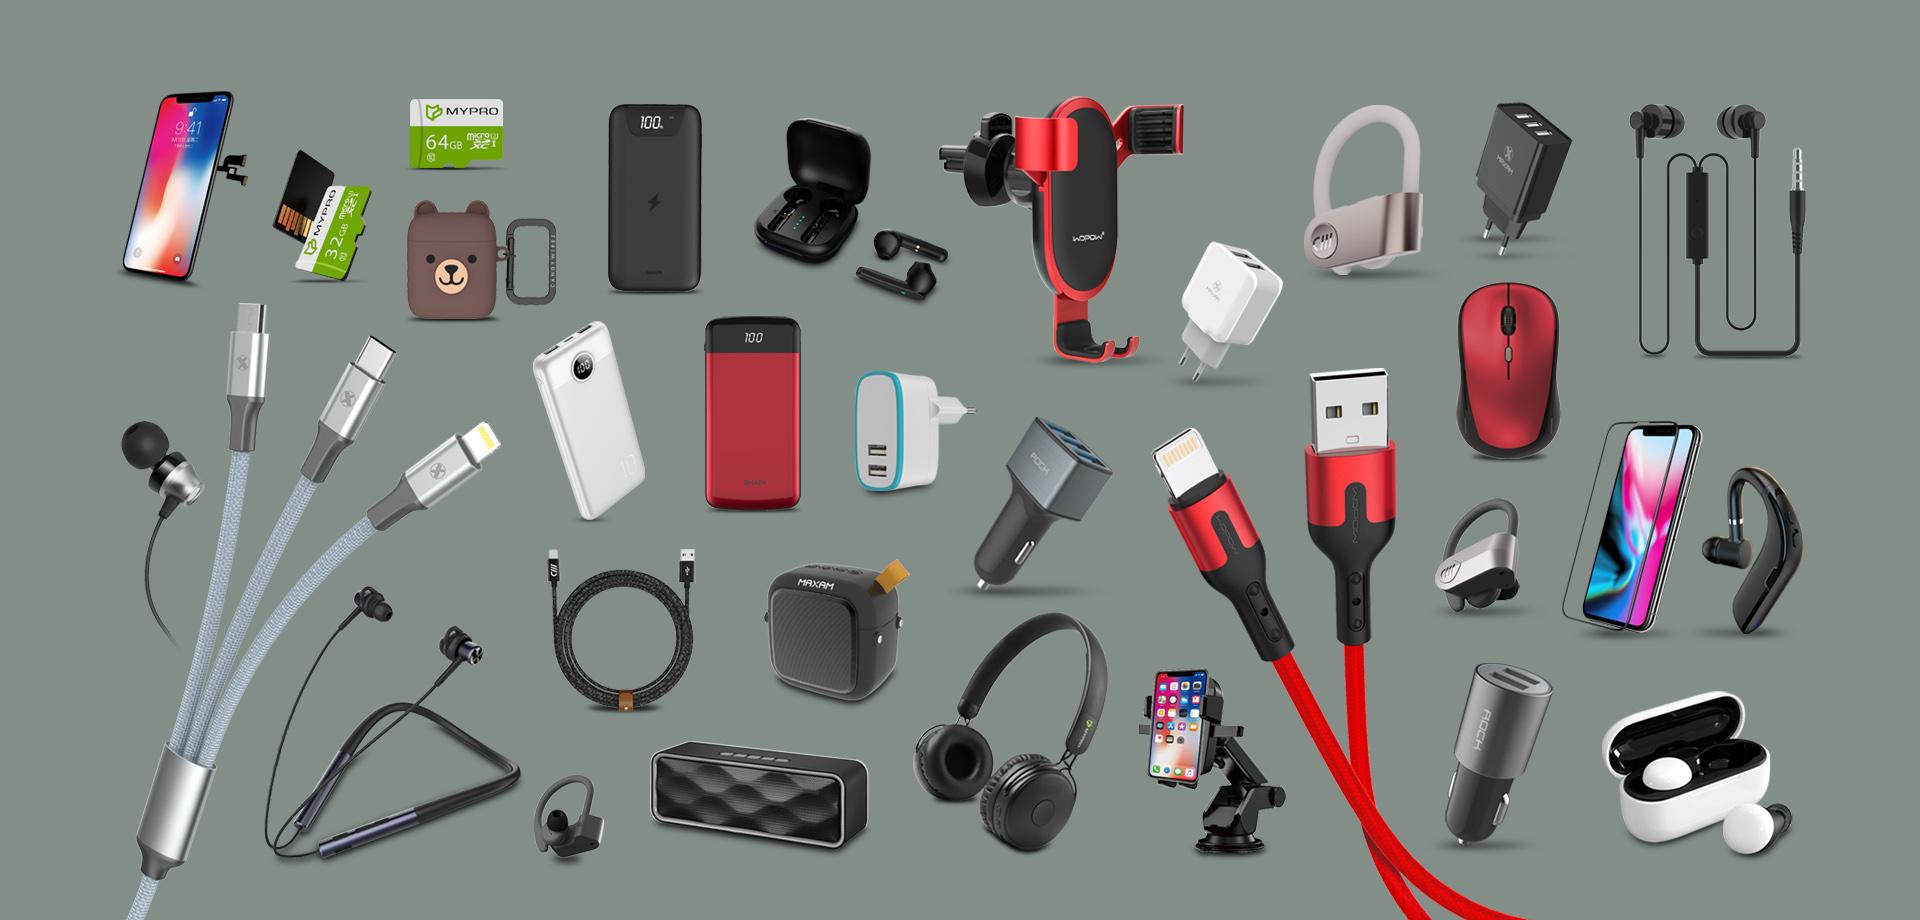 深圳市惟客牧文堂品牌设计有限公司提供电子产品包装设计,手机配件包装设计,移动电源包装设计业务的深圳包装设计公司,十年品牌设计服务让您的品牌传播成效最大化.